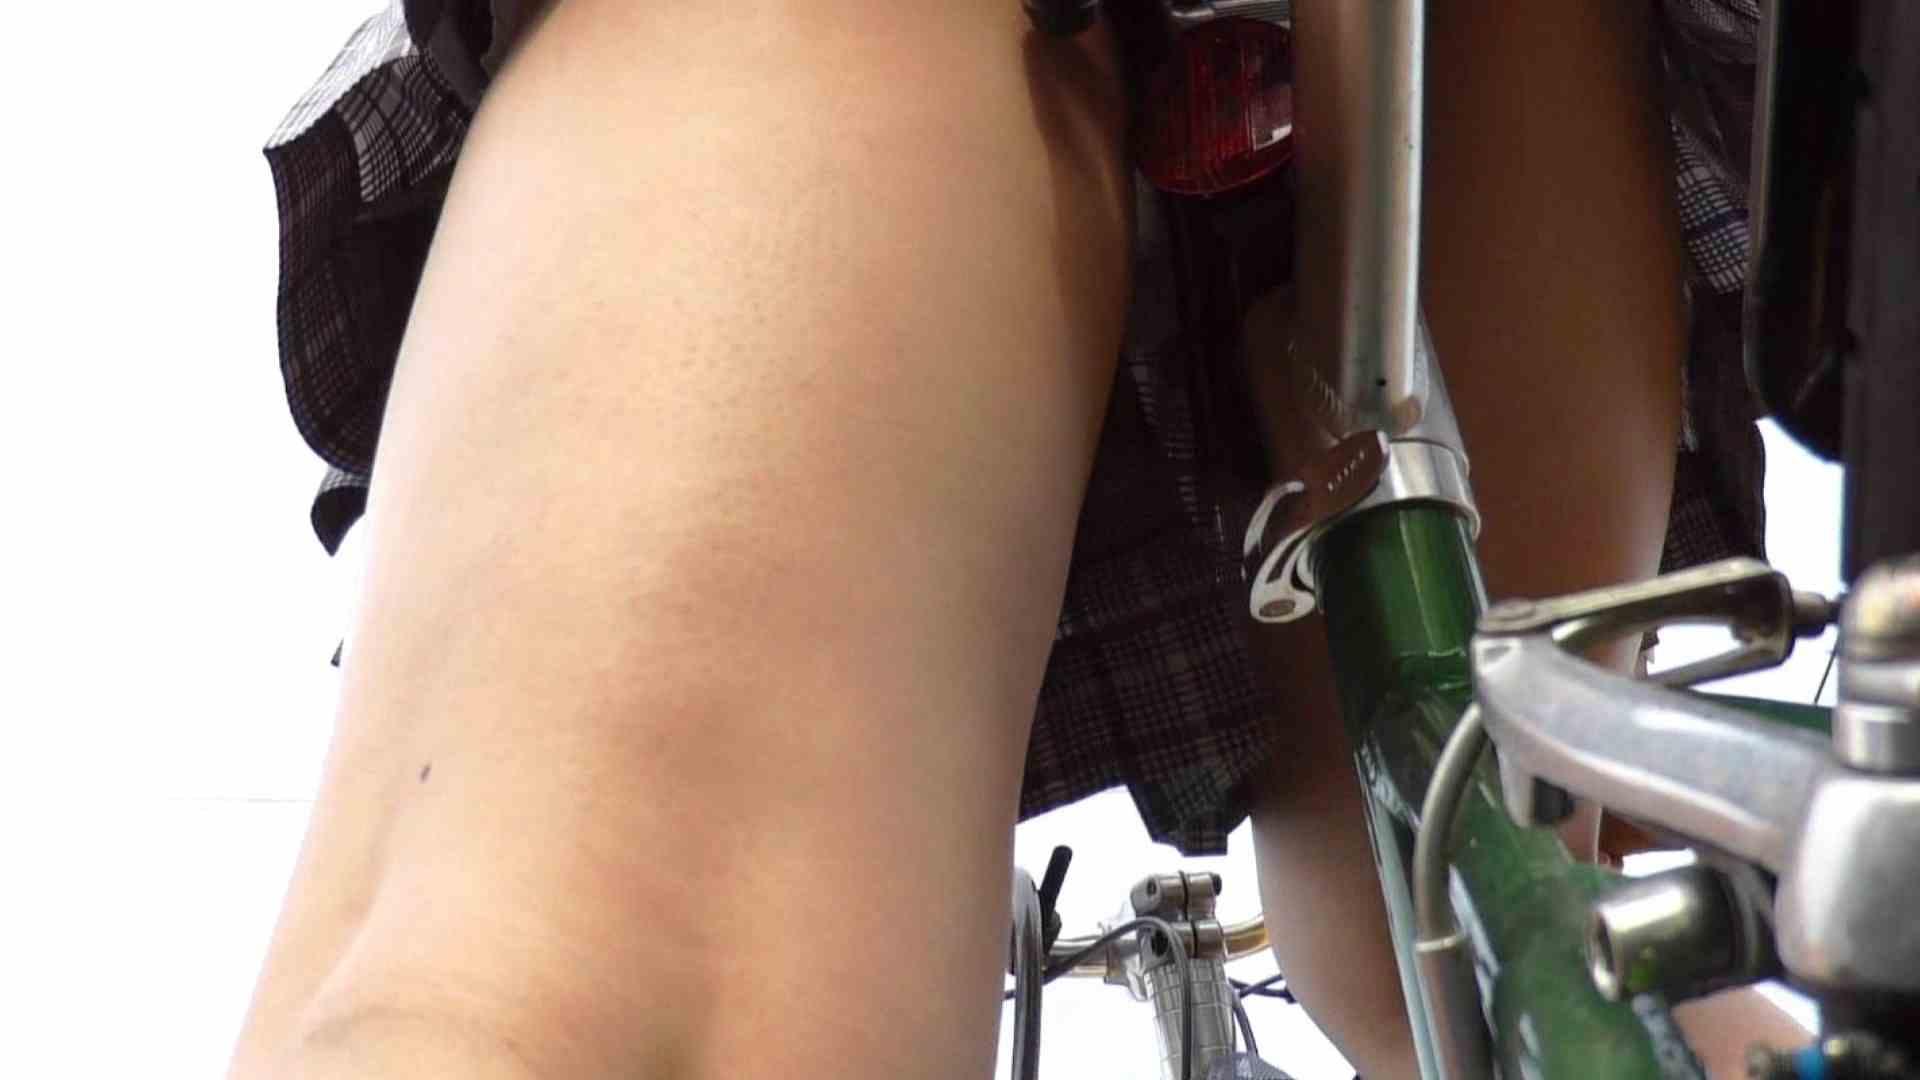 自転車パンチラ Vol.01 ギャル | むっちり  23画像 11